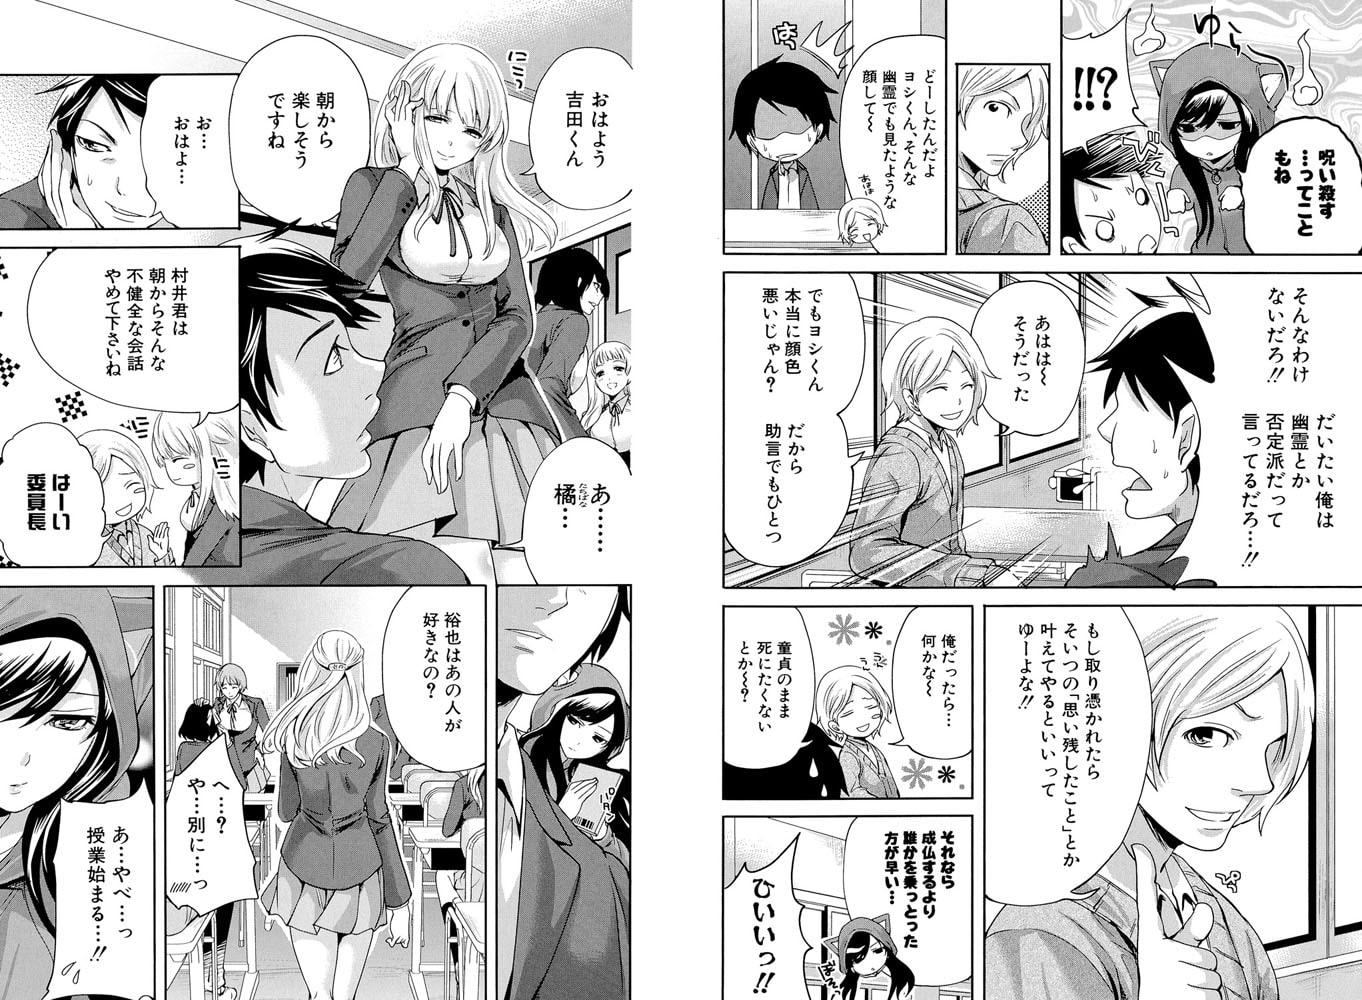 恋色おとめ【1話体験版付き】のサンプル4